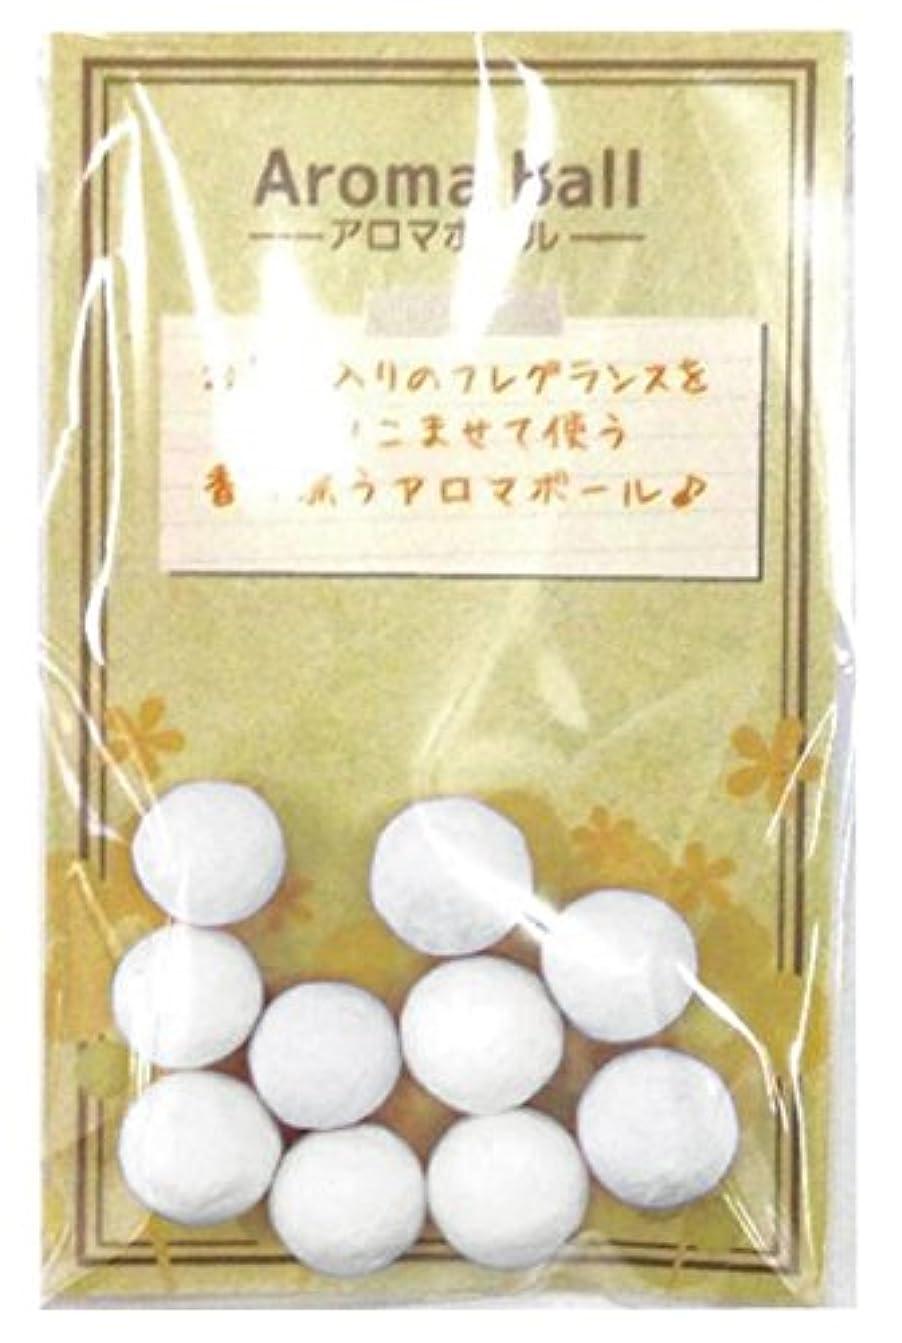 フレッシュ血色の良い和らげるノルコーポレーション アロマペンダント リフィル 10個入り ホワイト OZ-AMB-2-3